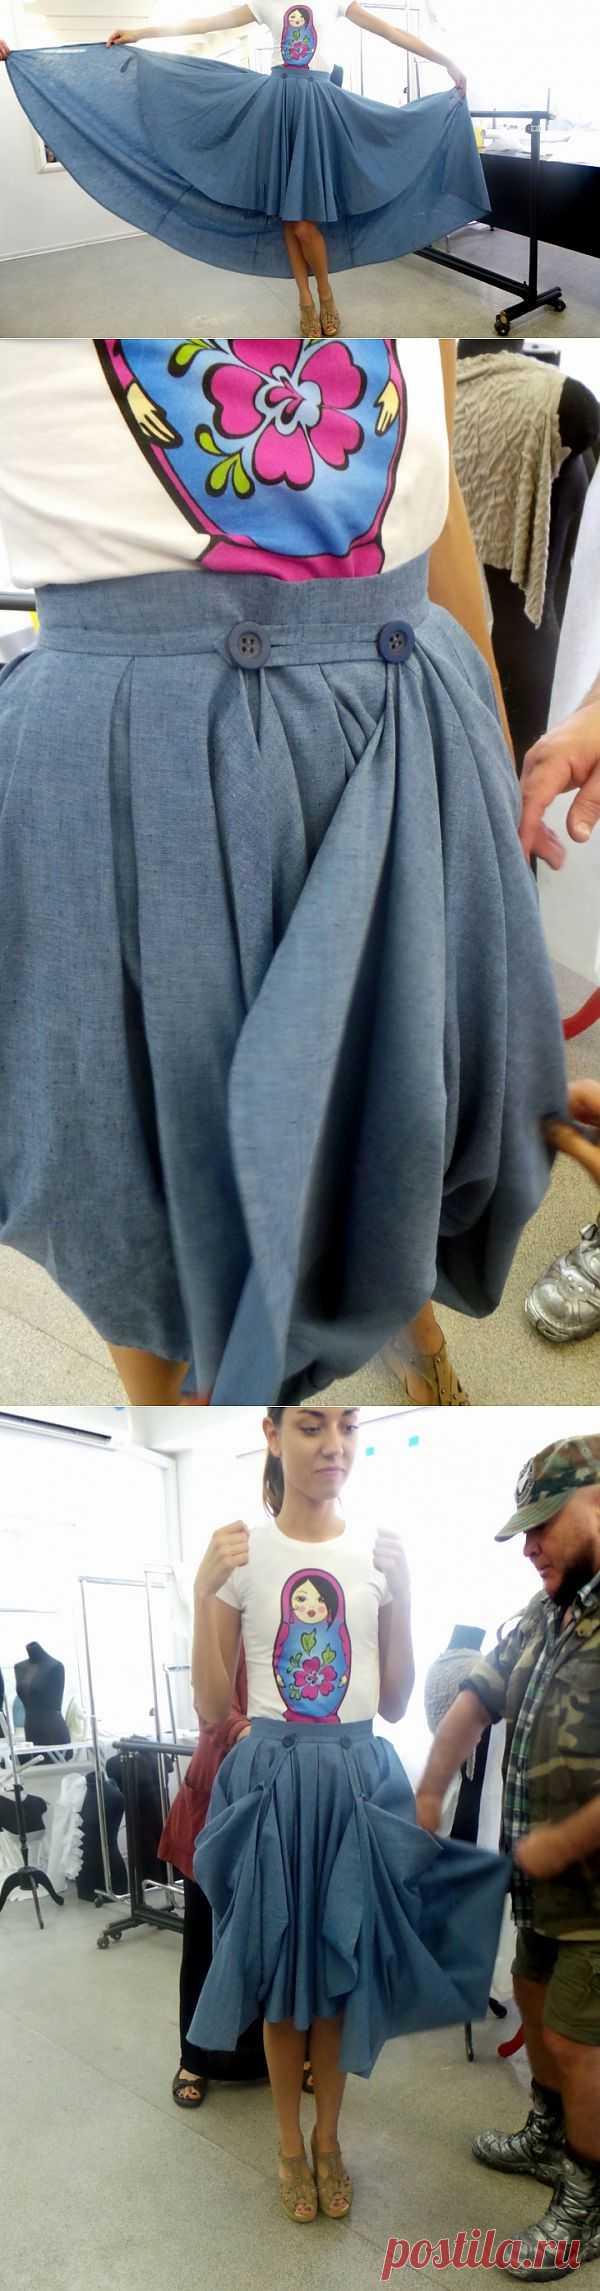 Юбка - трансформер Егора Зайцева / Трансформеры / Модный сайт о стильной переделке одежды и интерьера